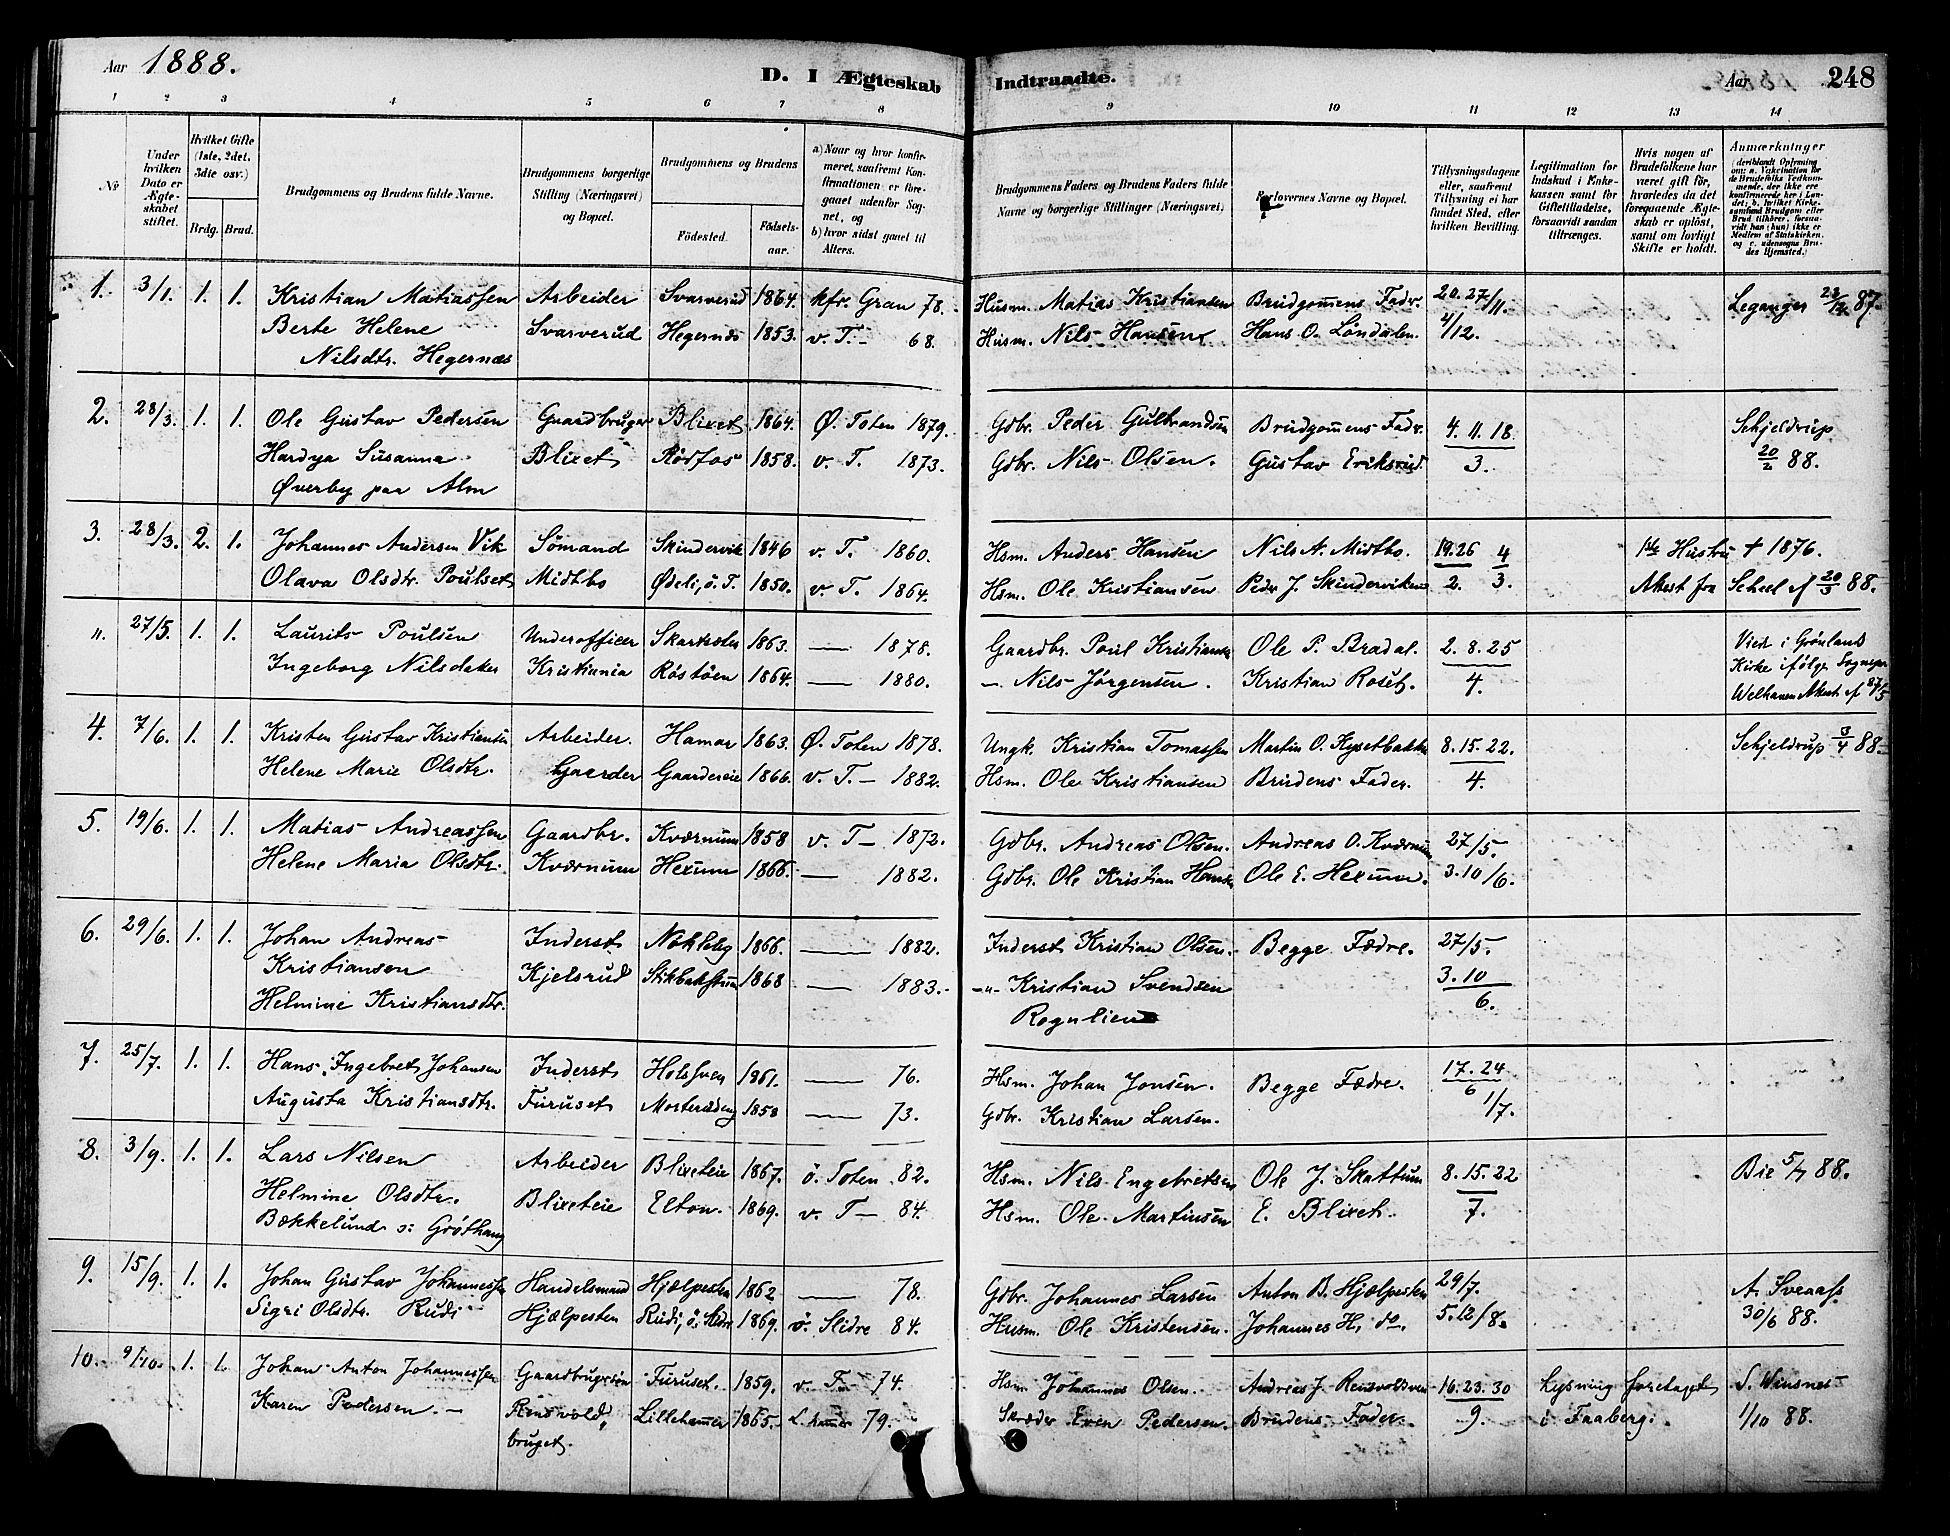 SAH, Vestre Toten prestekontor, Ministerialbok nr. 9, 1878-1894, s. 248